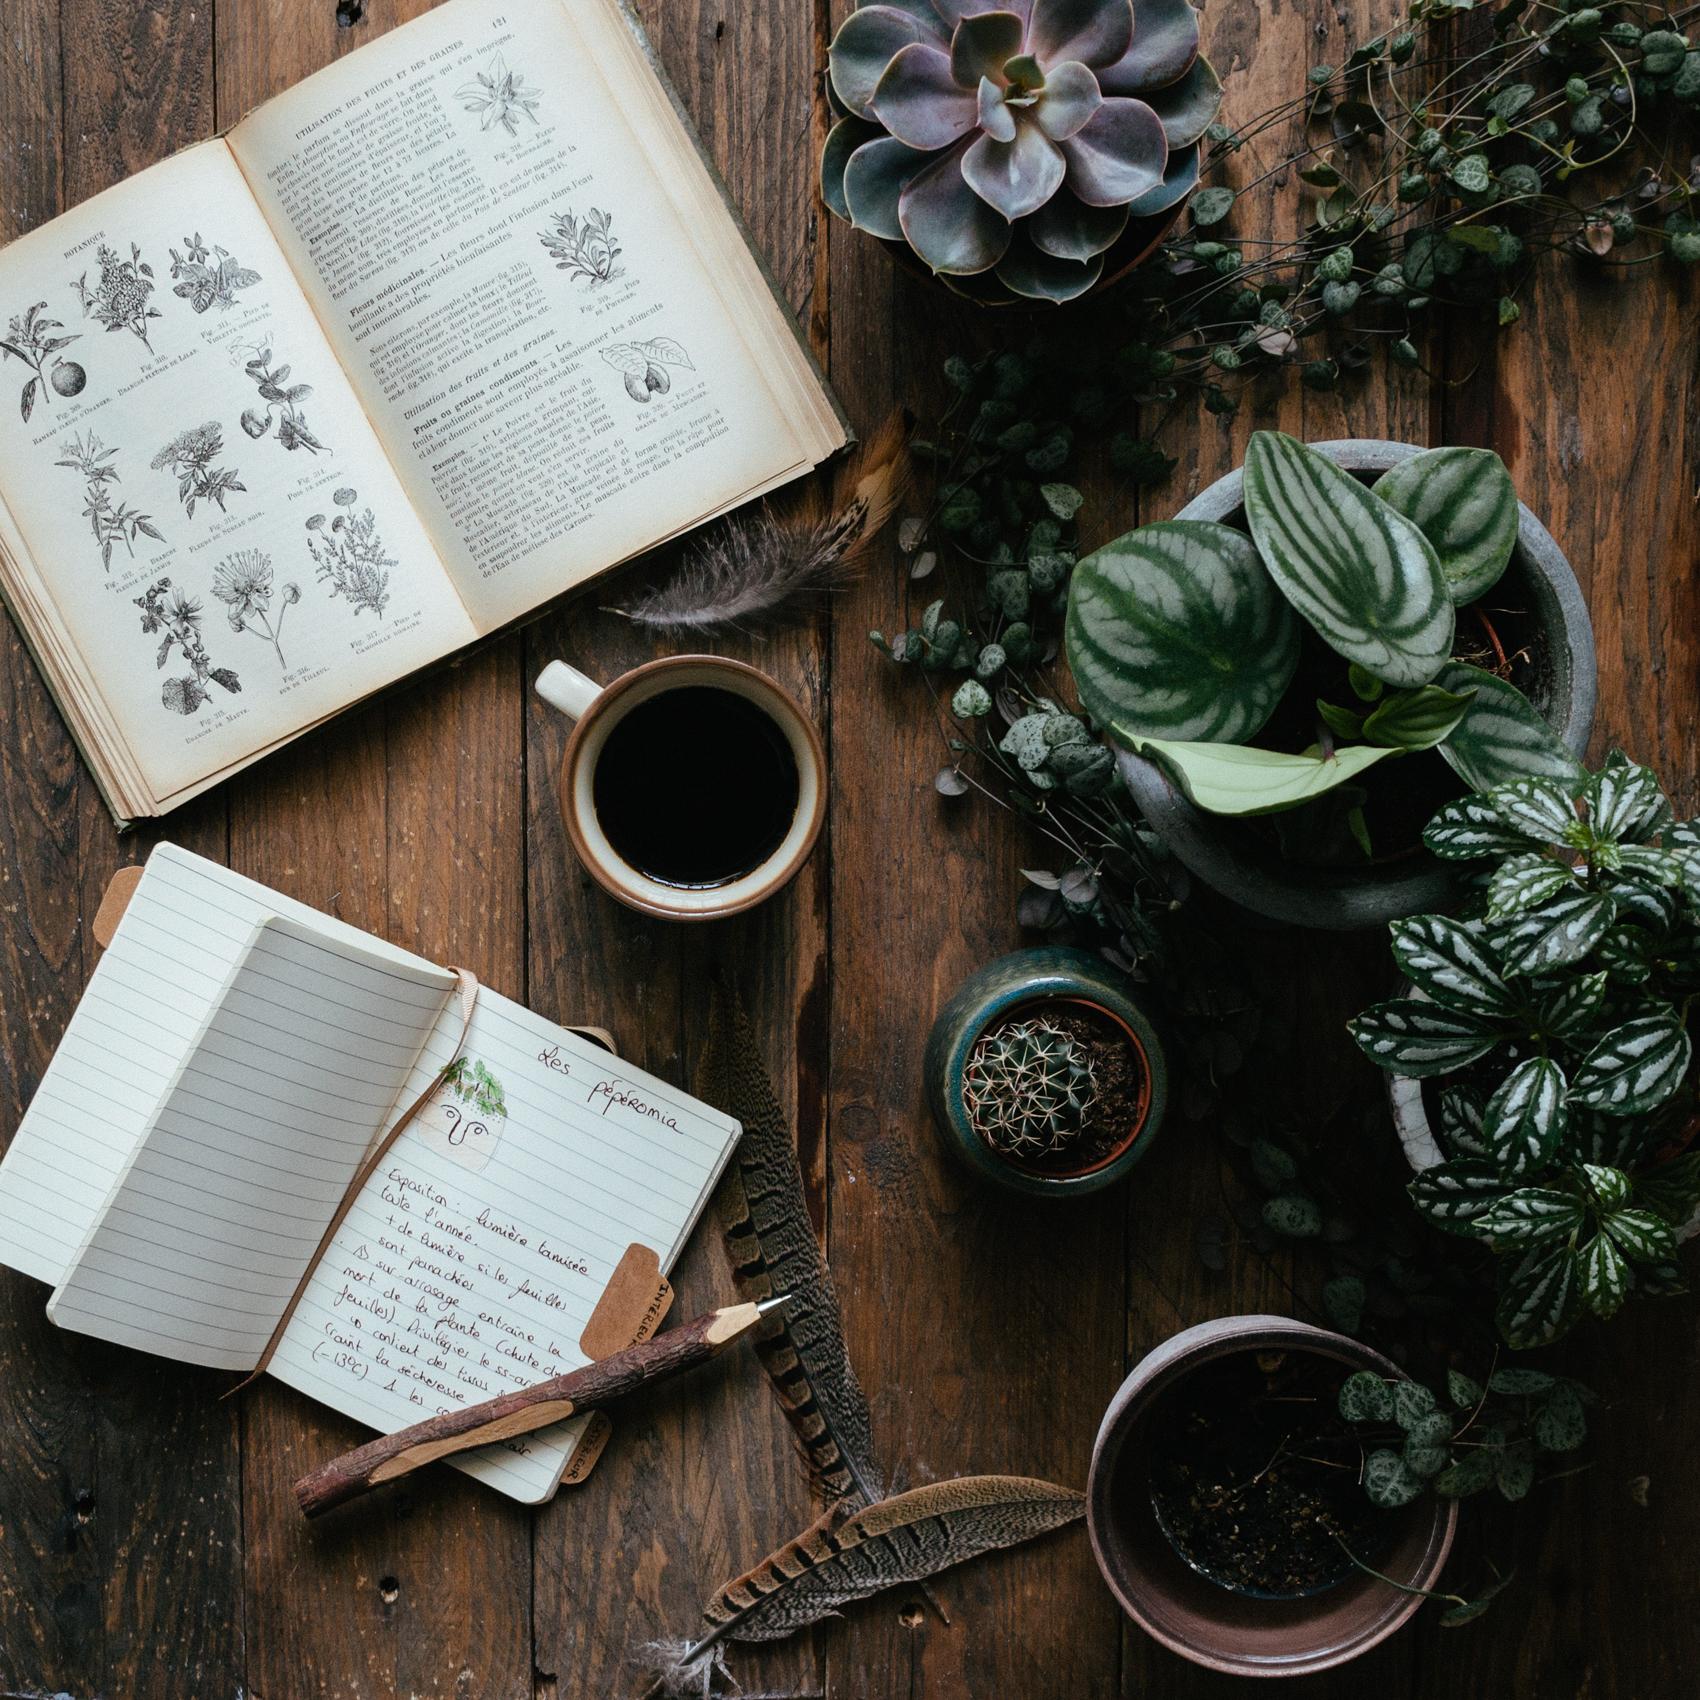 Petit guide des plantes faciles d entretien – Carnet de printemps 1dfcbf2279c0